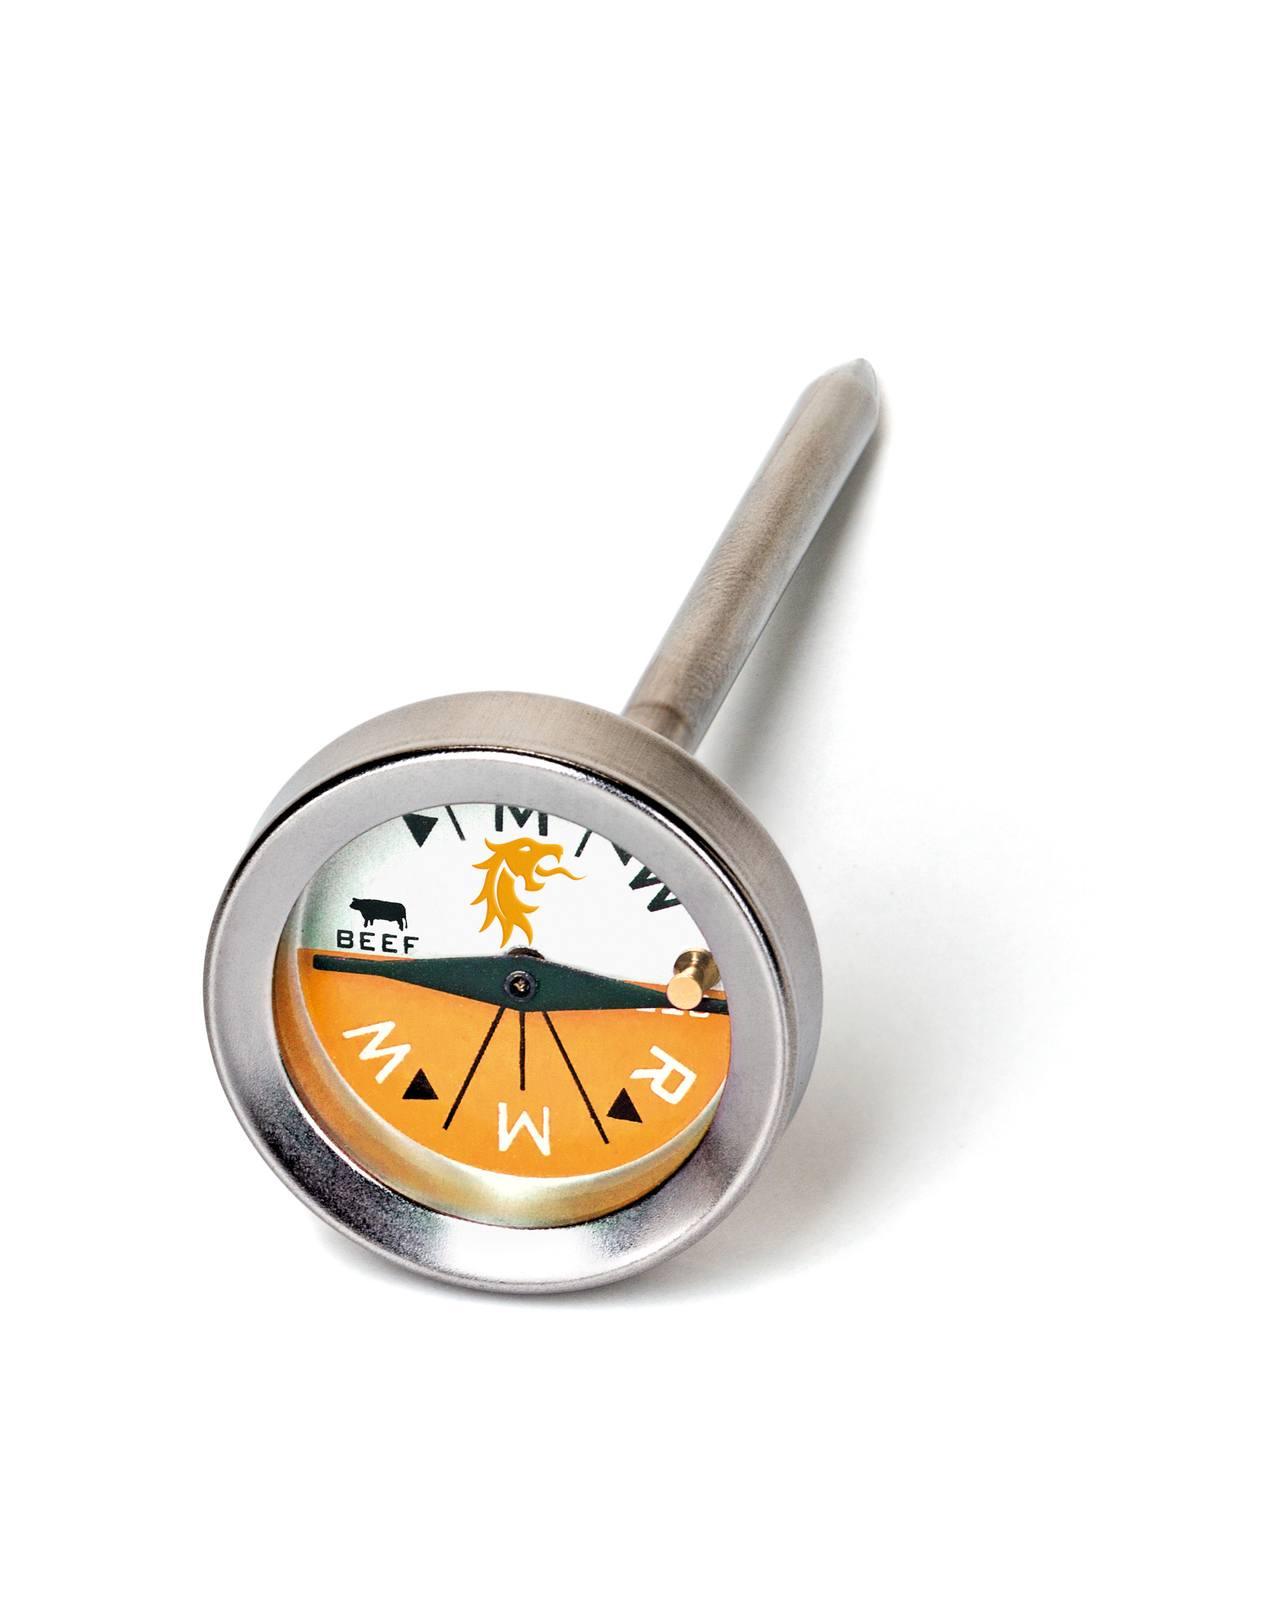 FLASH Grillthermometer für Steaks 4er Set